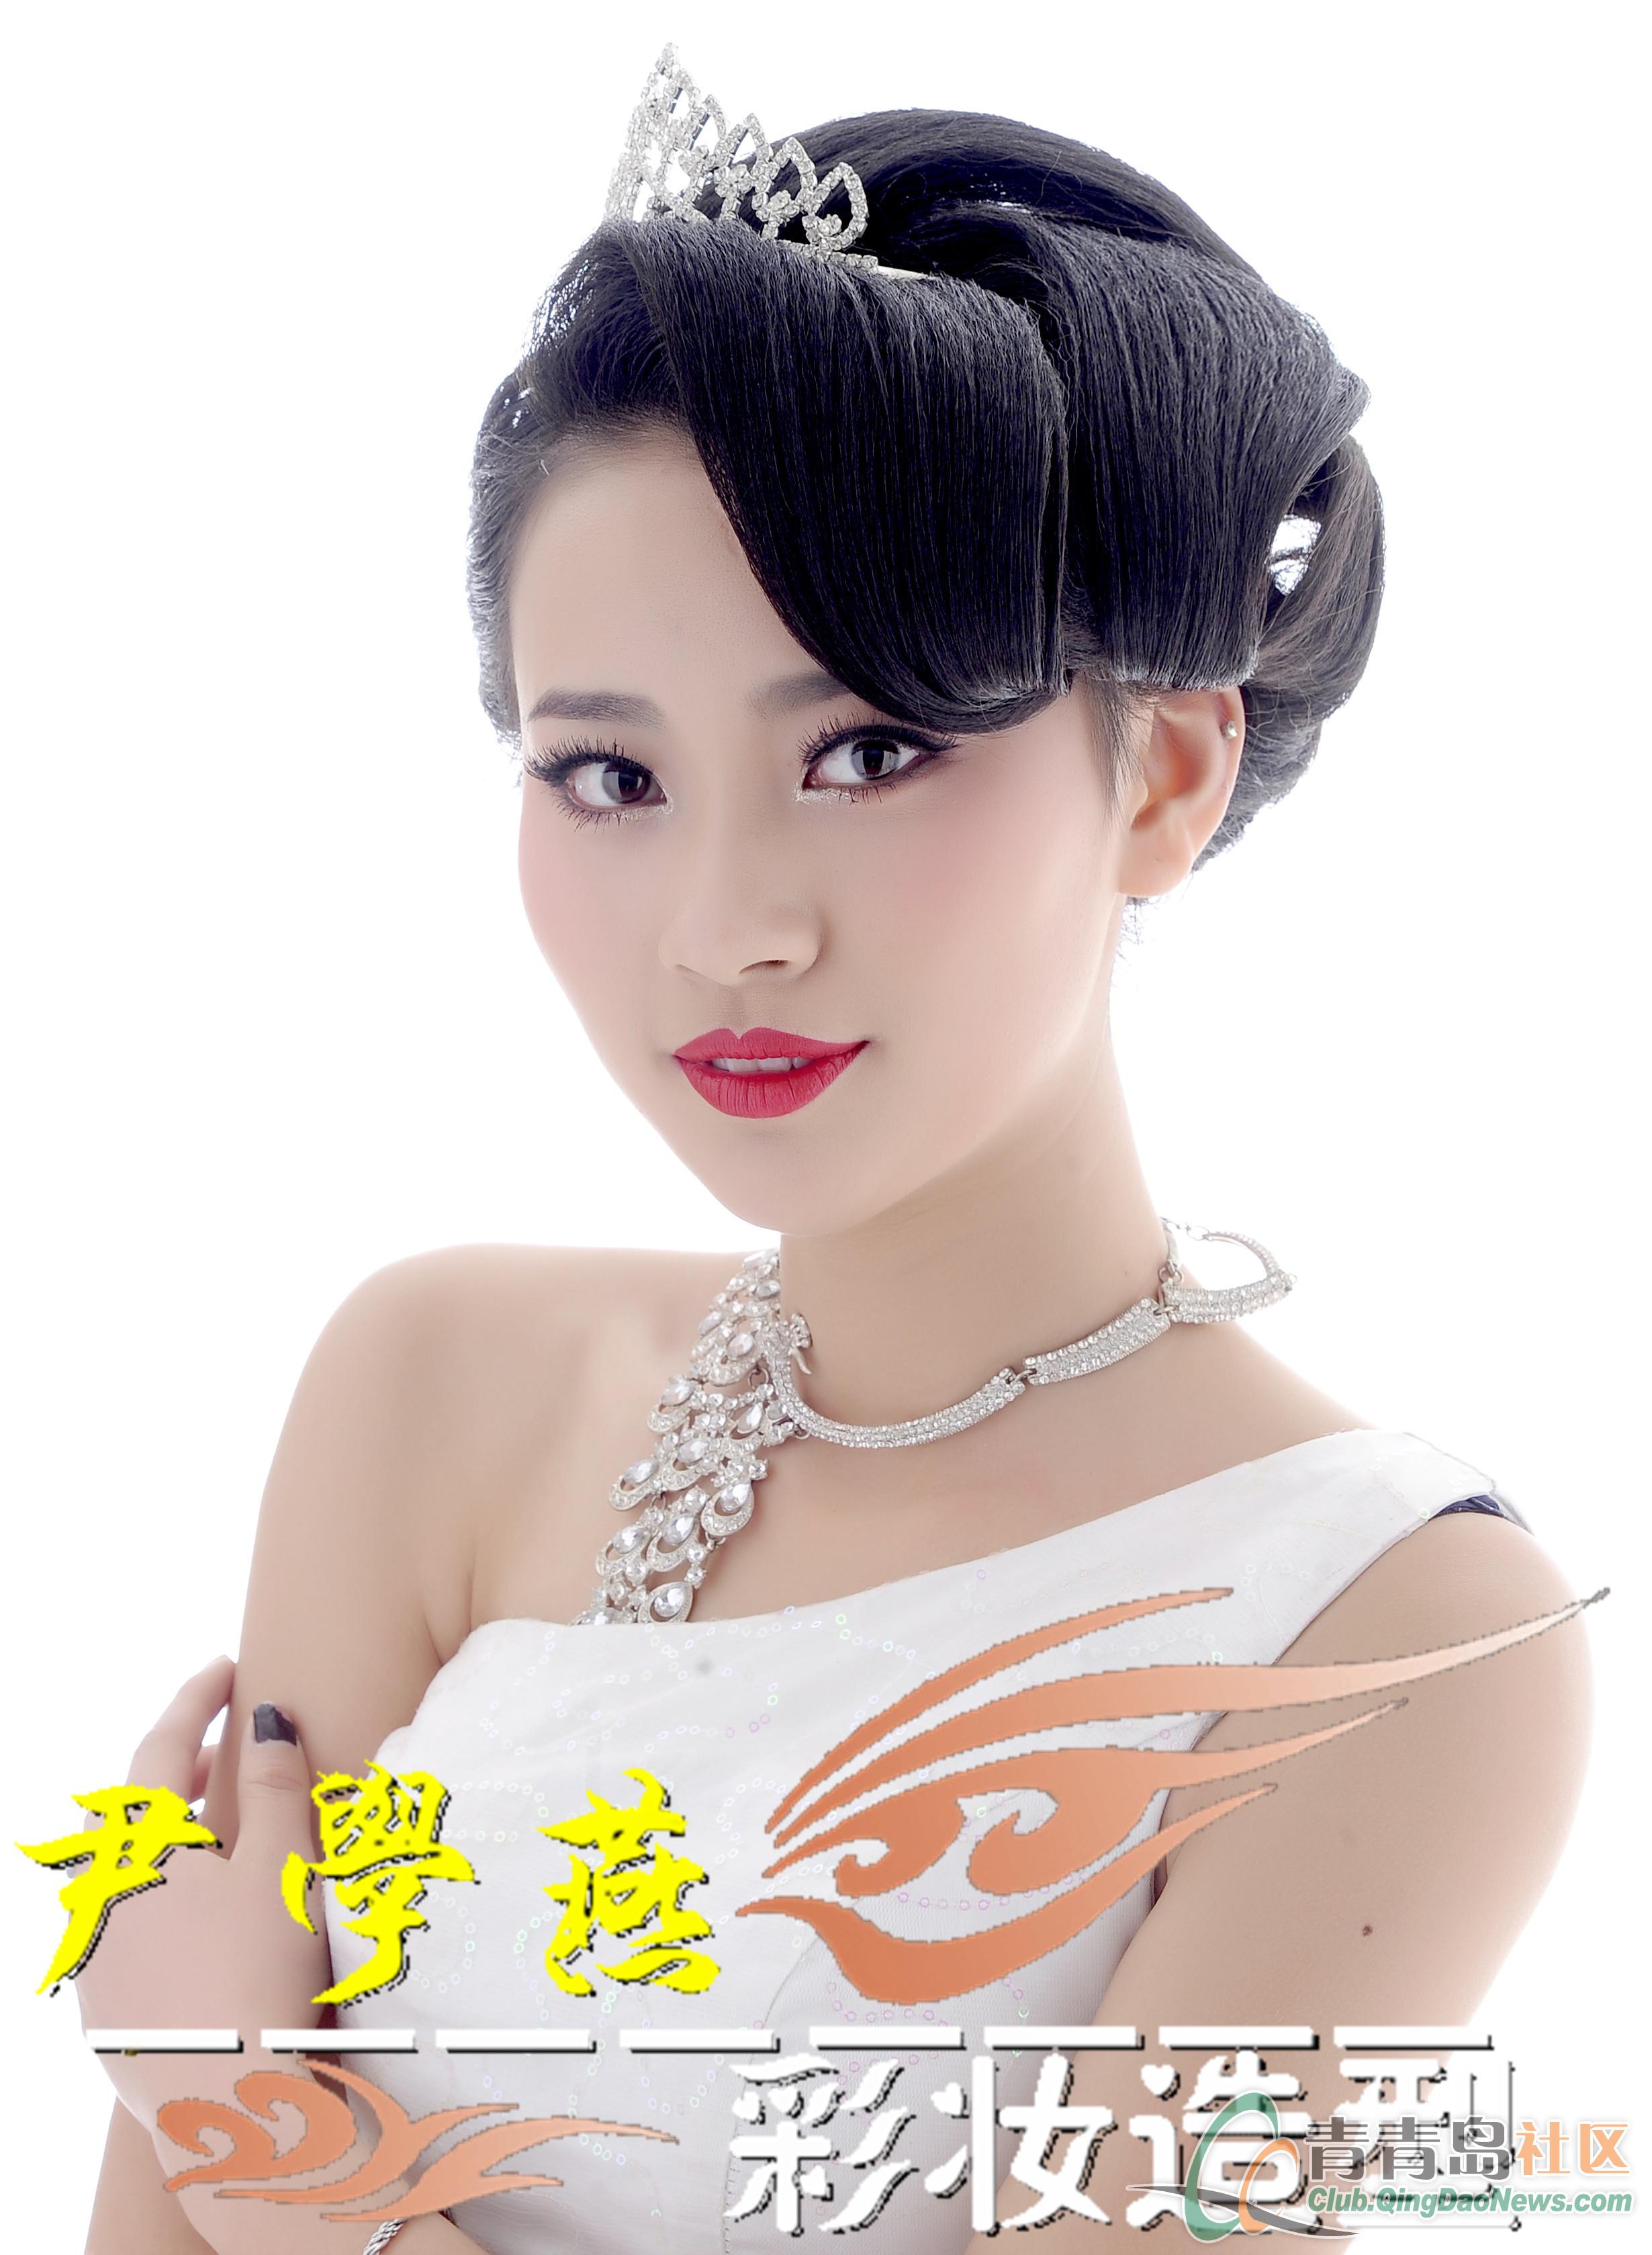 发型设计 中式短发新娘婚纱造型 > 但是看惯了穿白婚纱的新娘子 特级